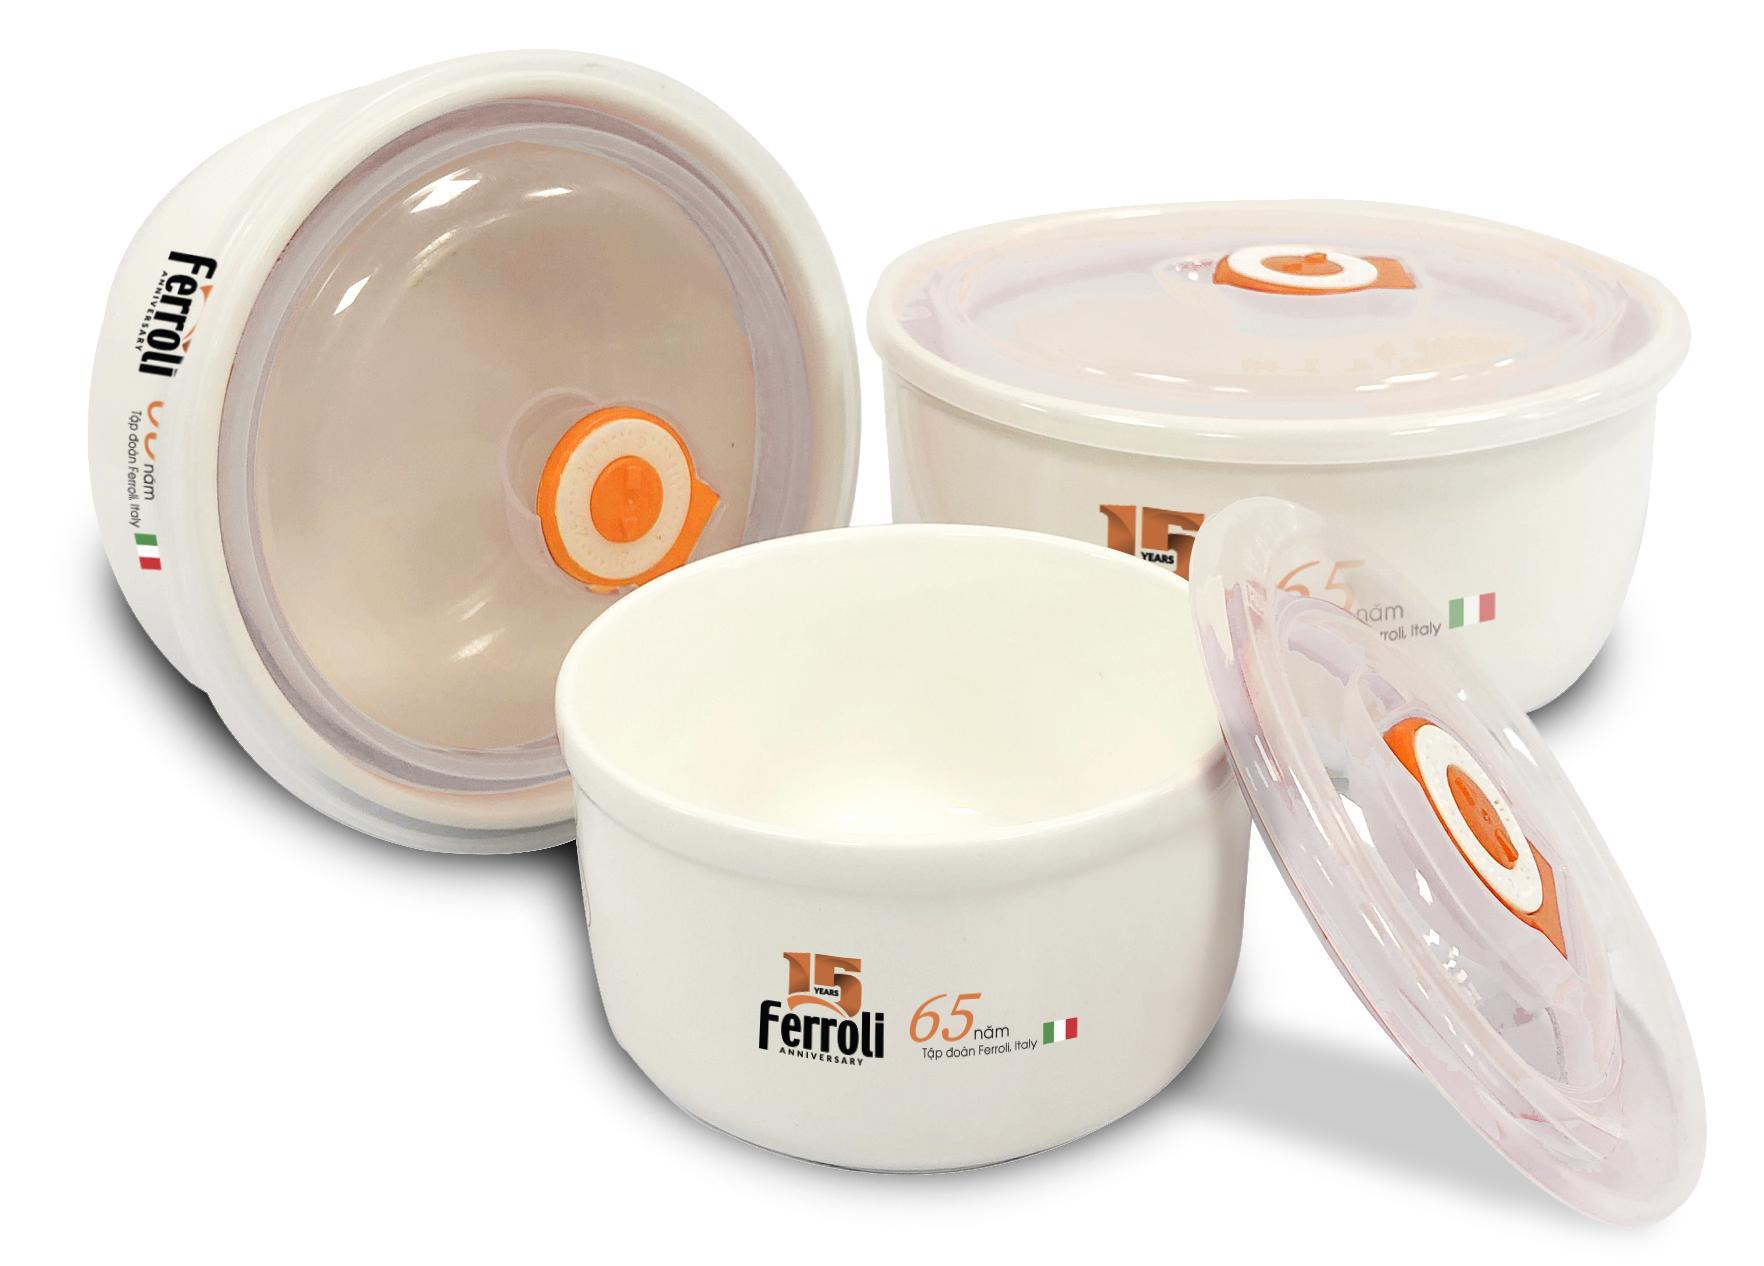 Bộ tô sứ Ferroli 3 chiếc có nắp hút chân không cao cấp - hàng chính hãng